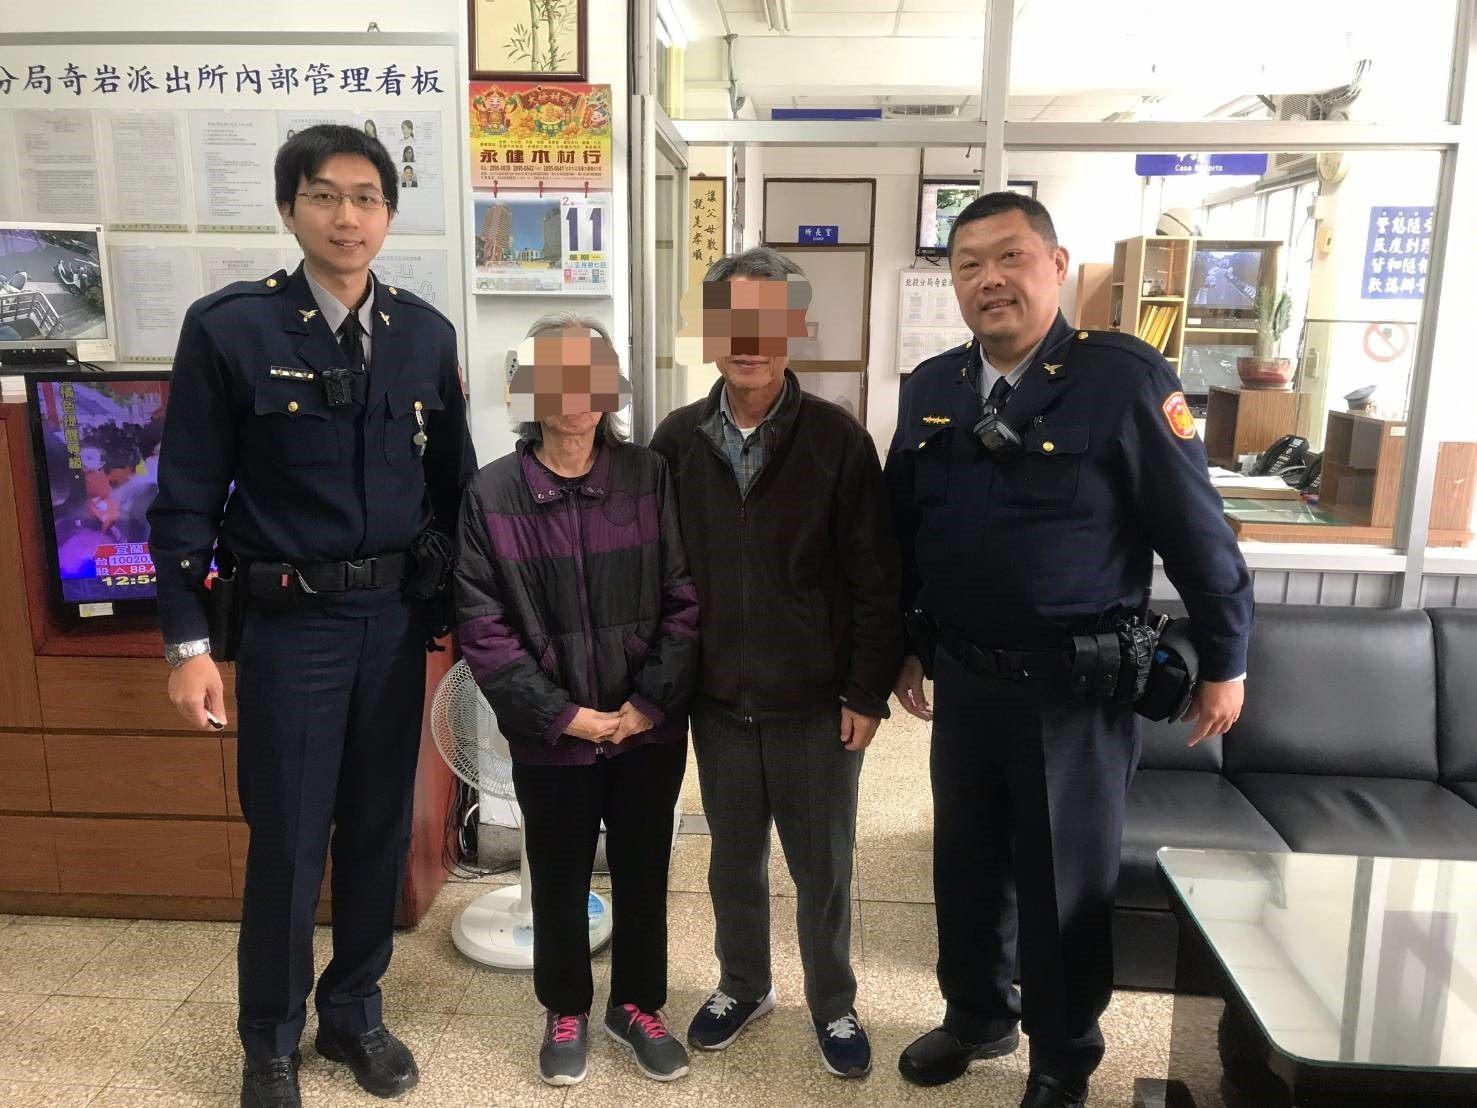 北投分局奇岩所警員陳順福、蔡凱舟及當事人